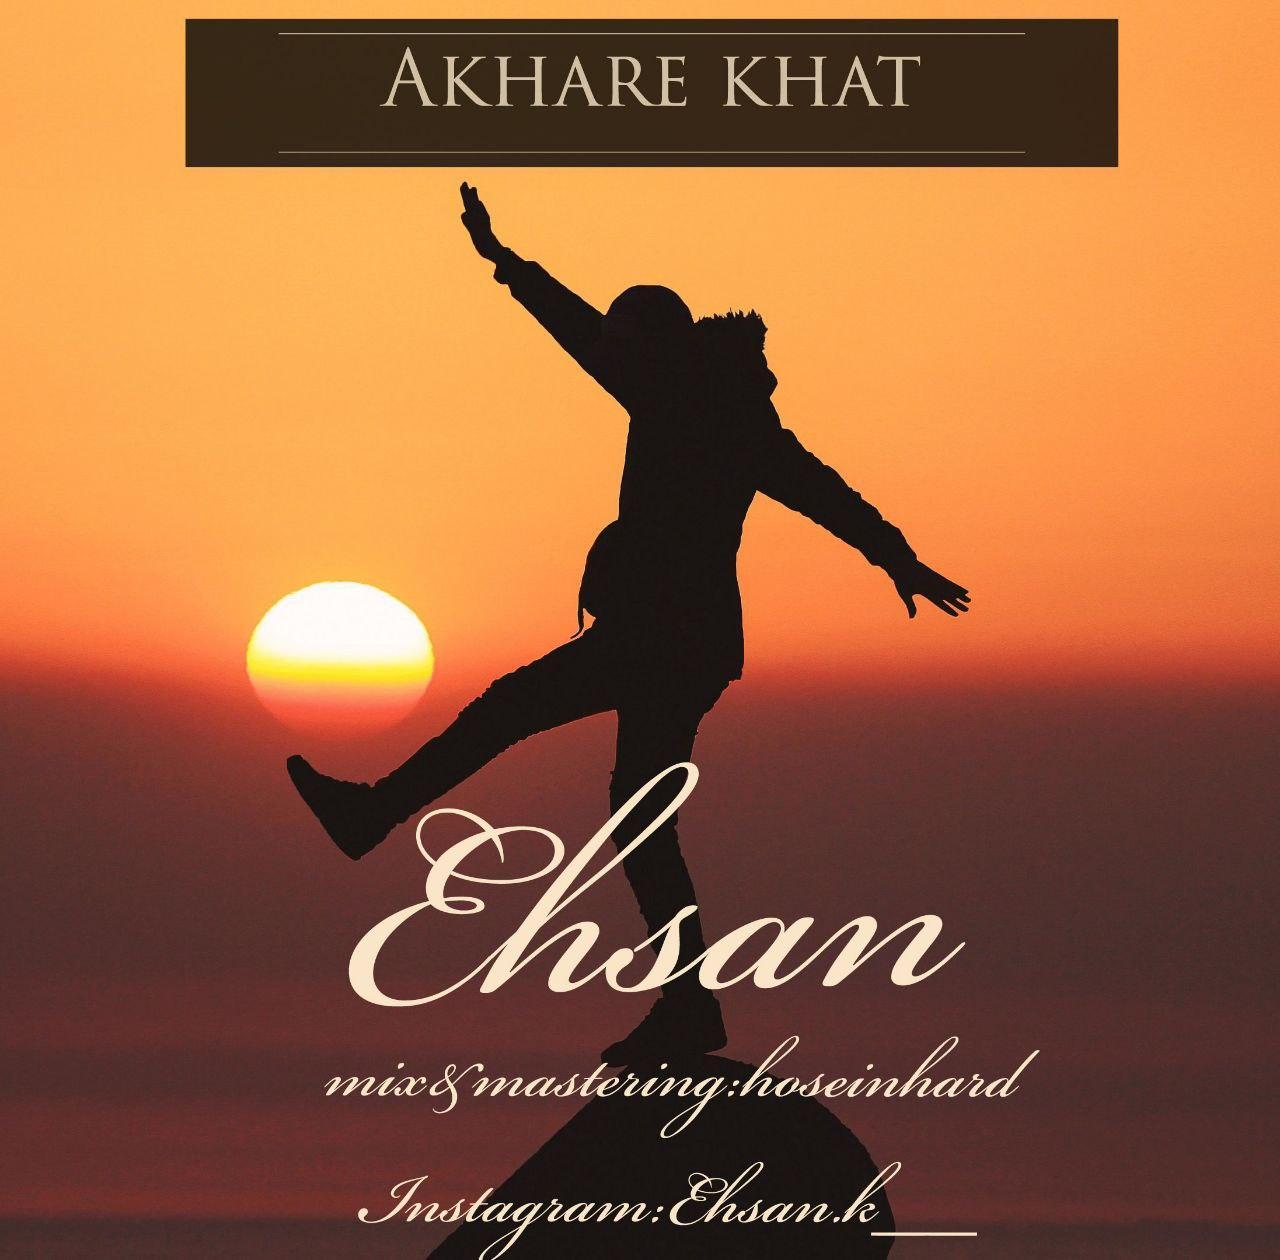 Ehsan - Akhare khat